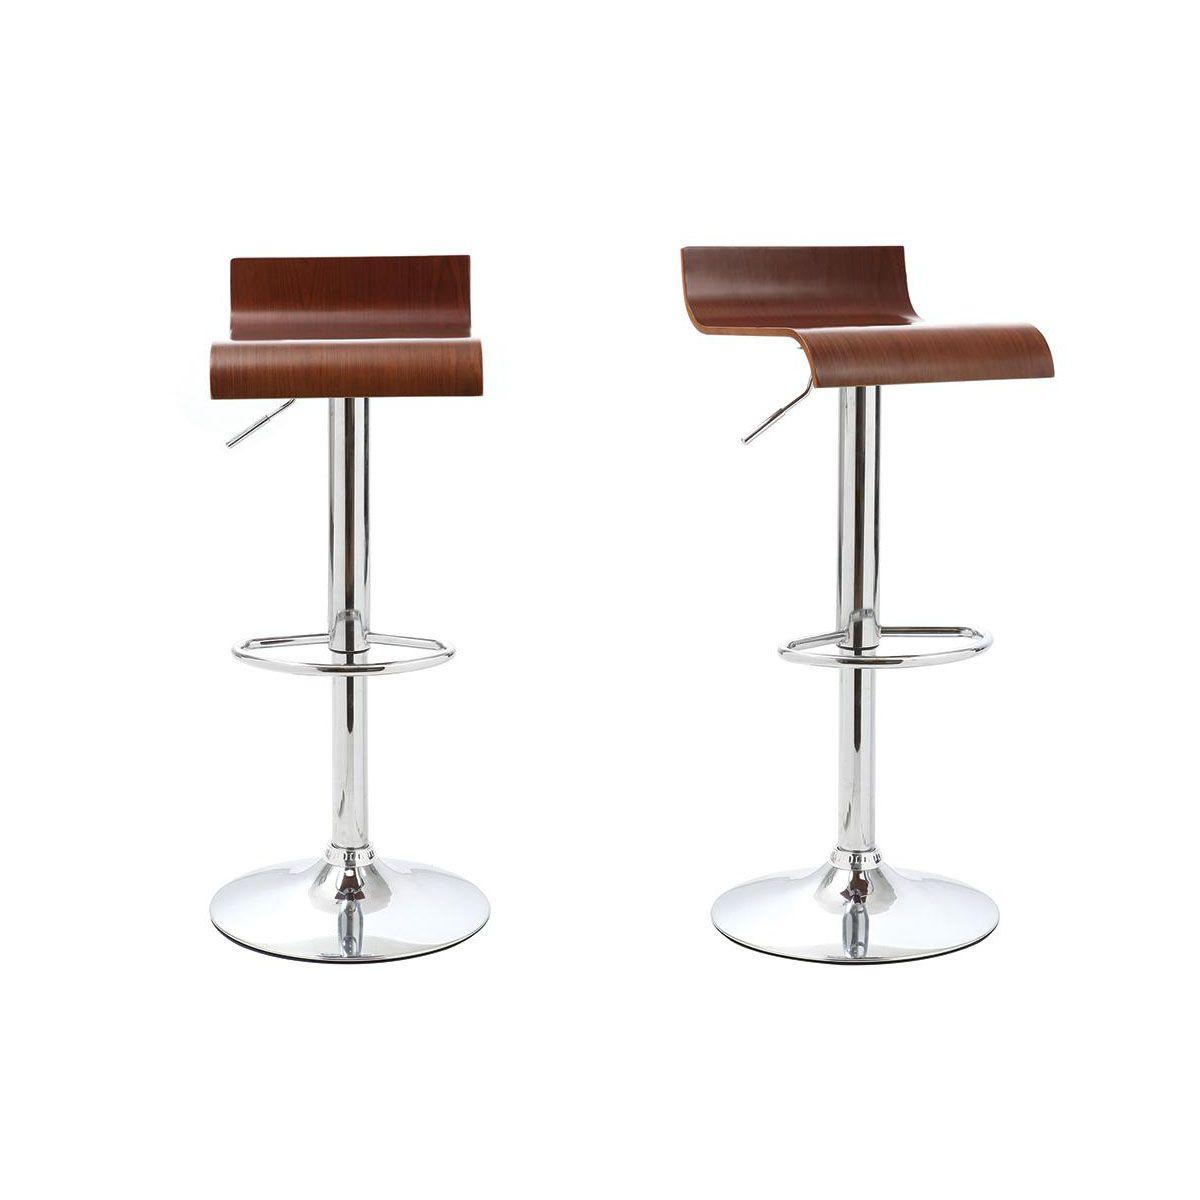 Dove acquistare Gruppo di 2 sgabelli da bar / cucina design legno color noce SURF V2